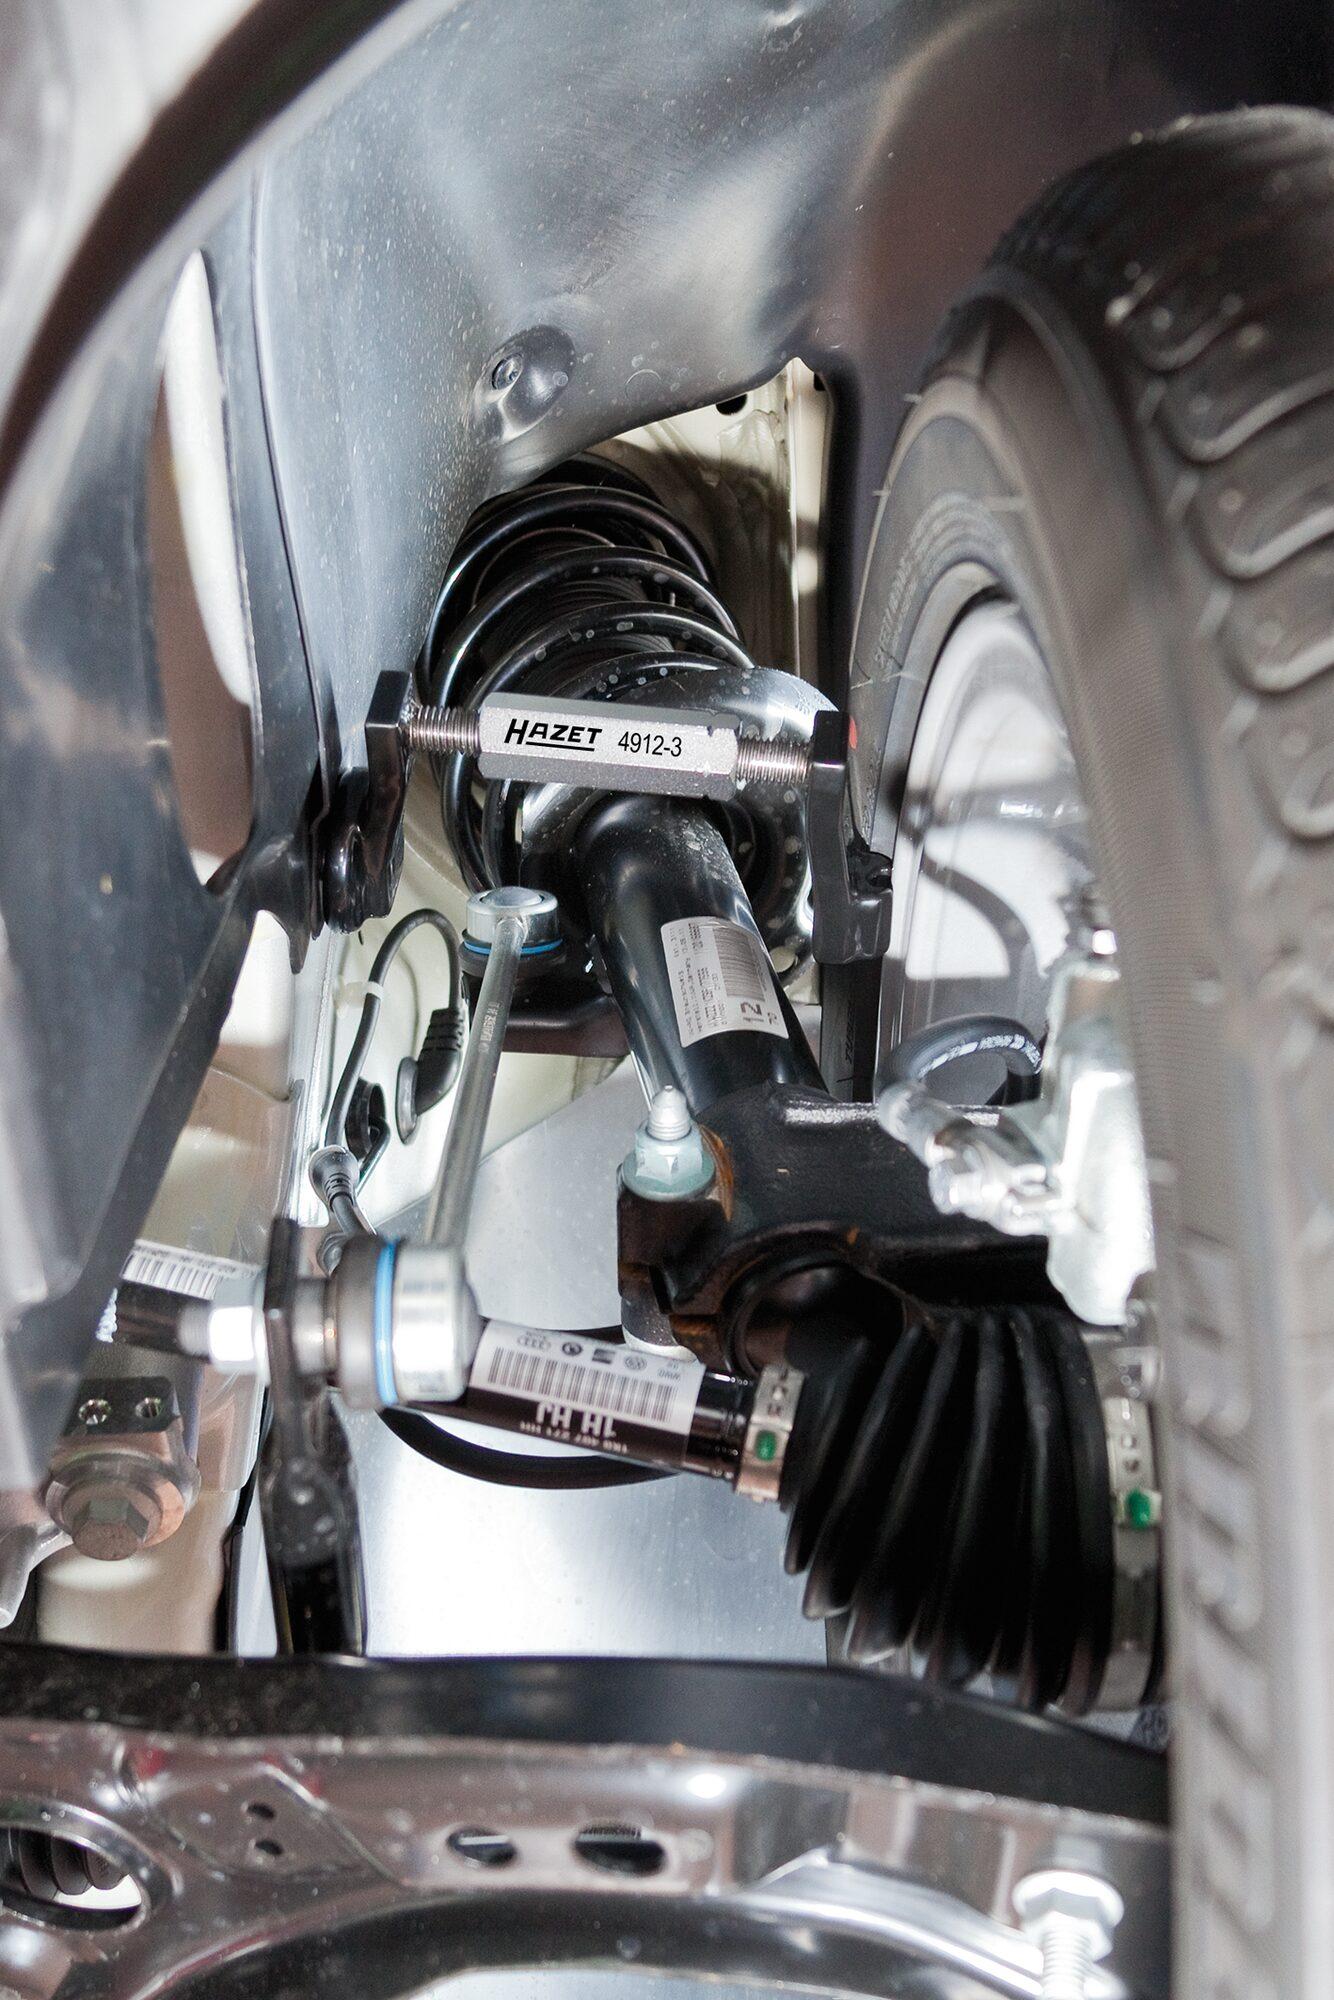 HAZET Sturz Einstell Werkzeug Satz 4912-3/2 ∙ Anzahl Werkzeuge: 2